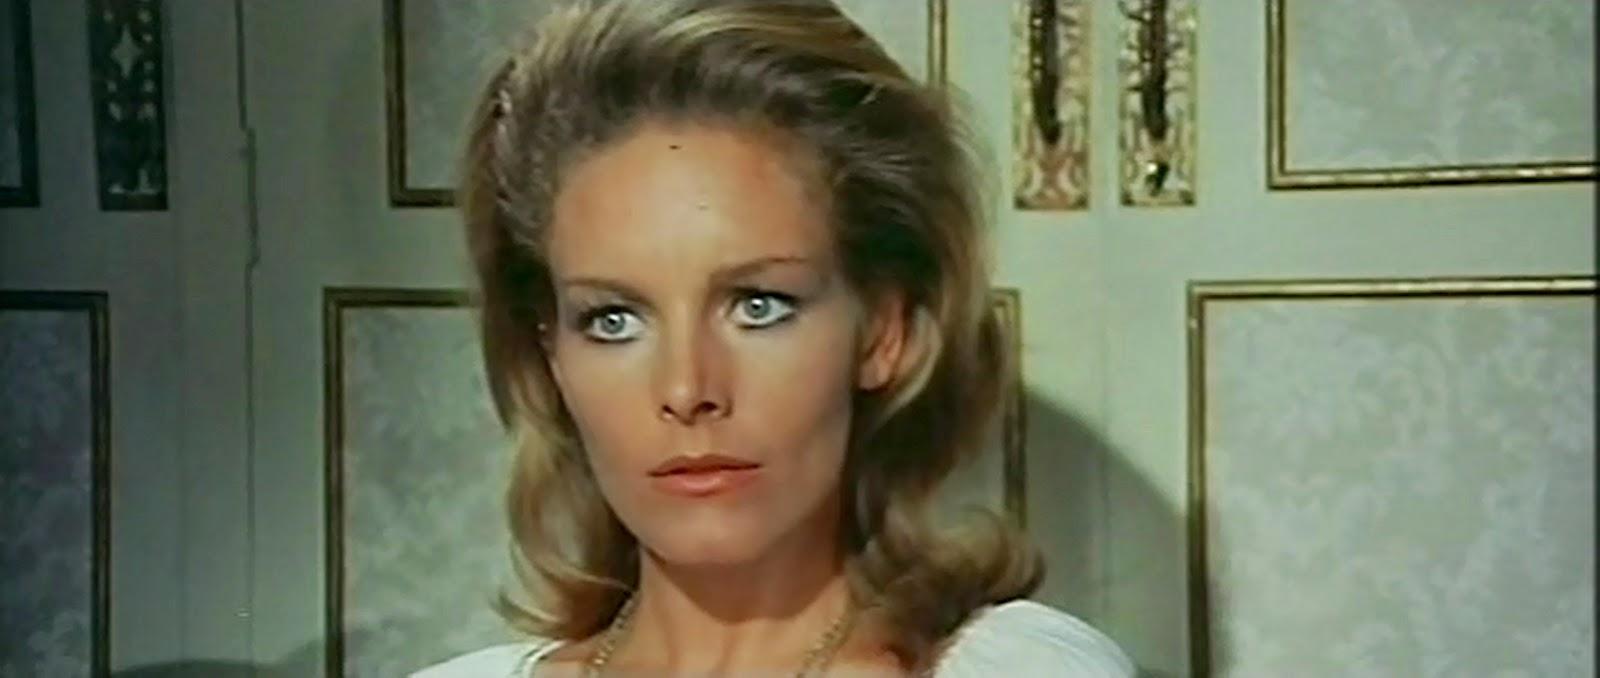 Anima Persa 1977 bozza vampir iz zemuna: (2 u 1) na tragovima žutog: coartada